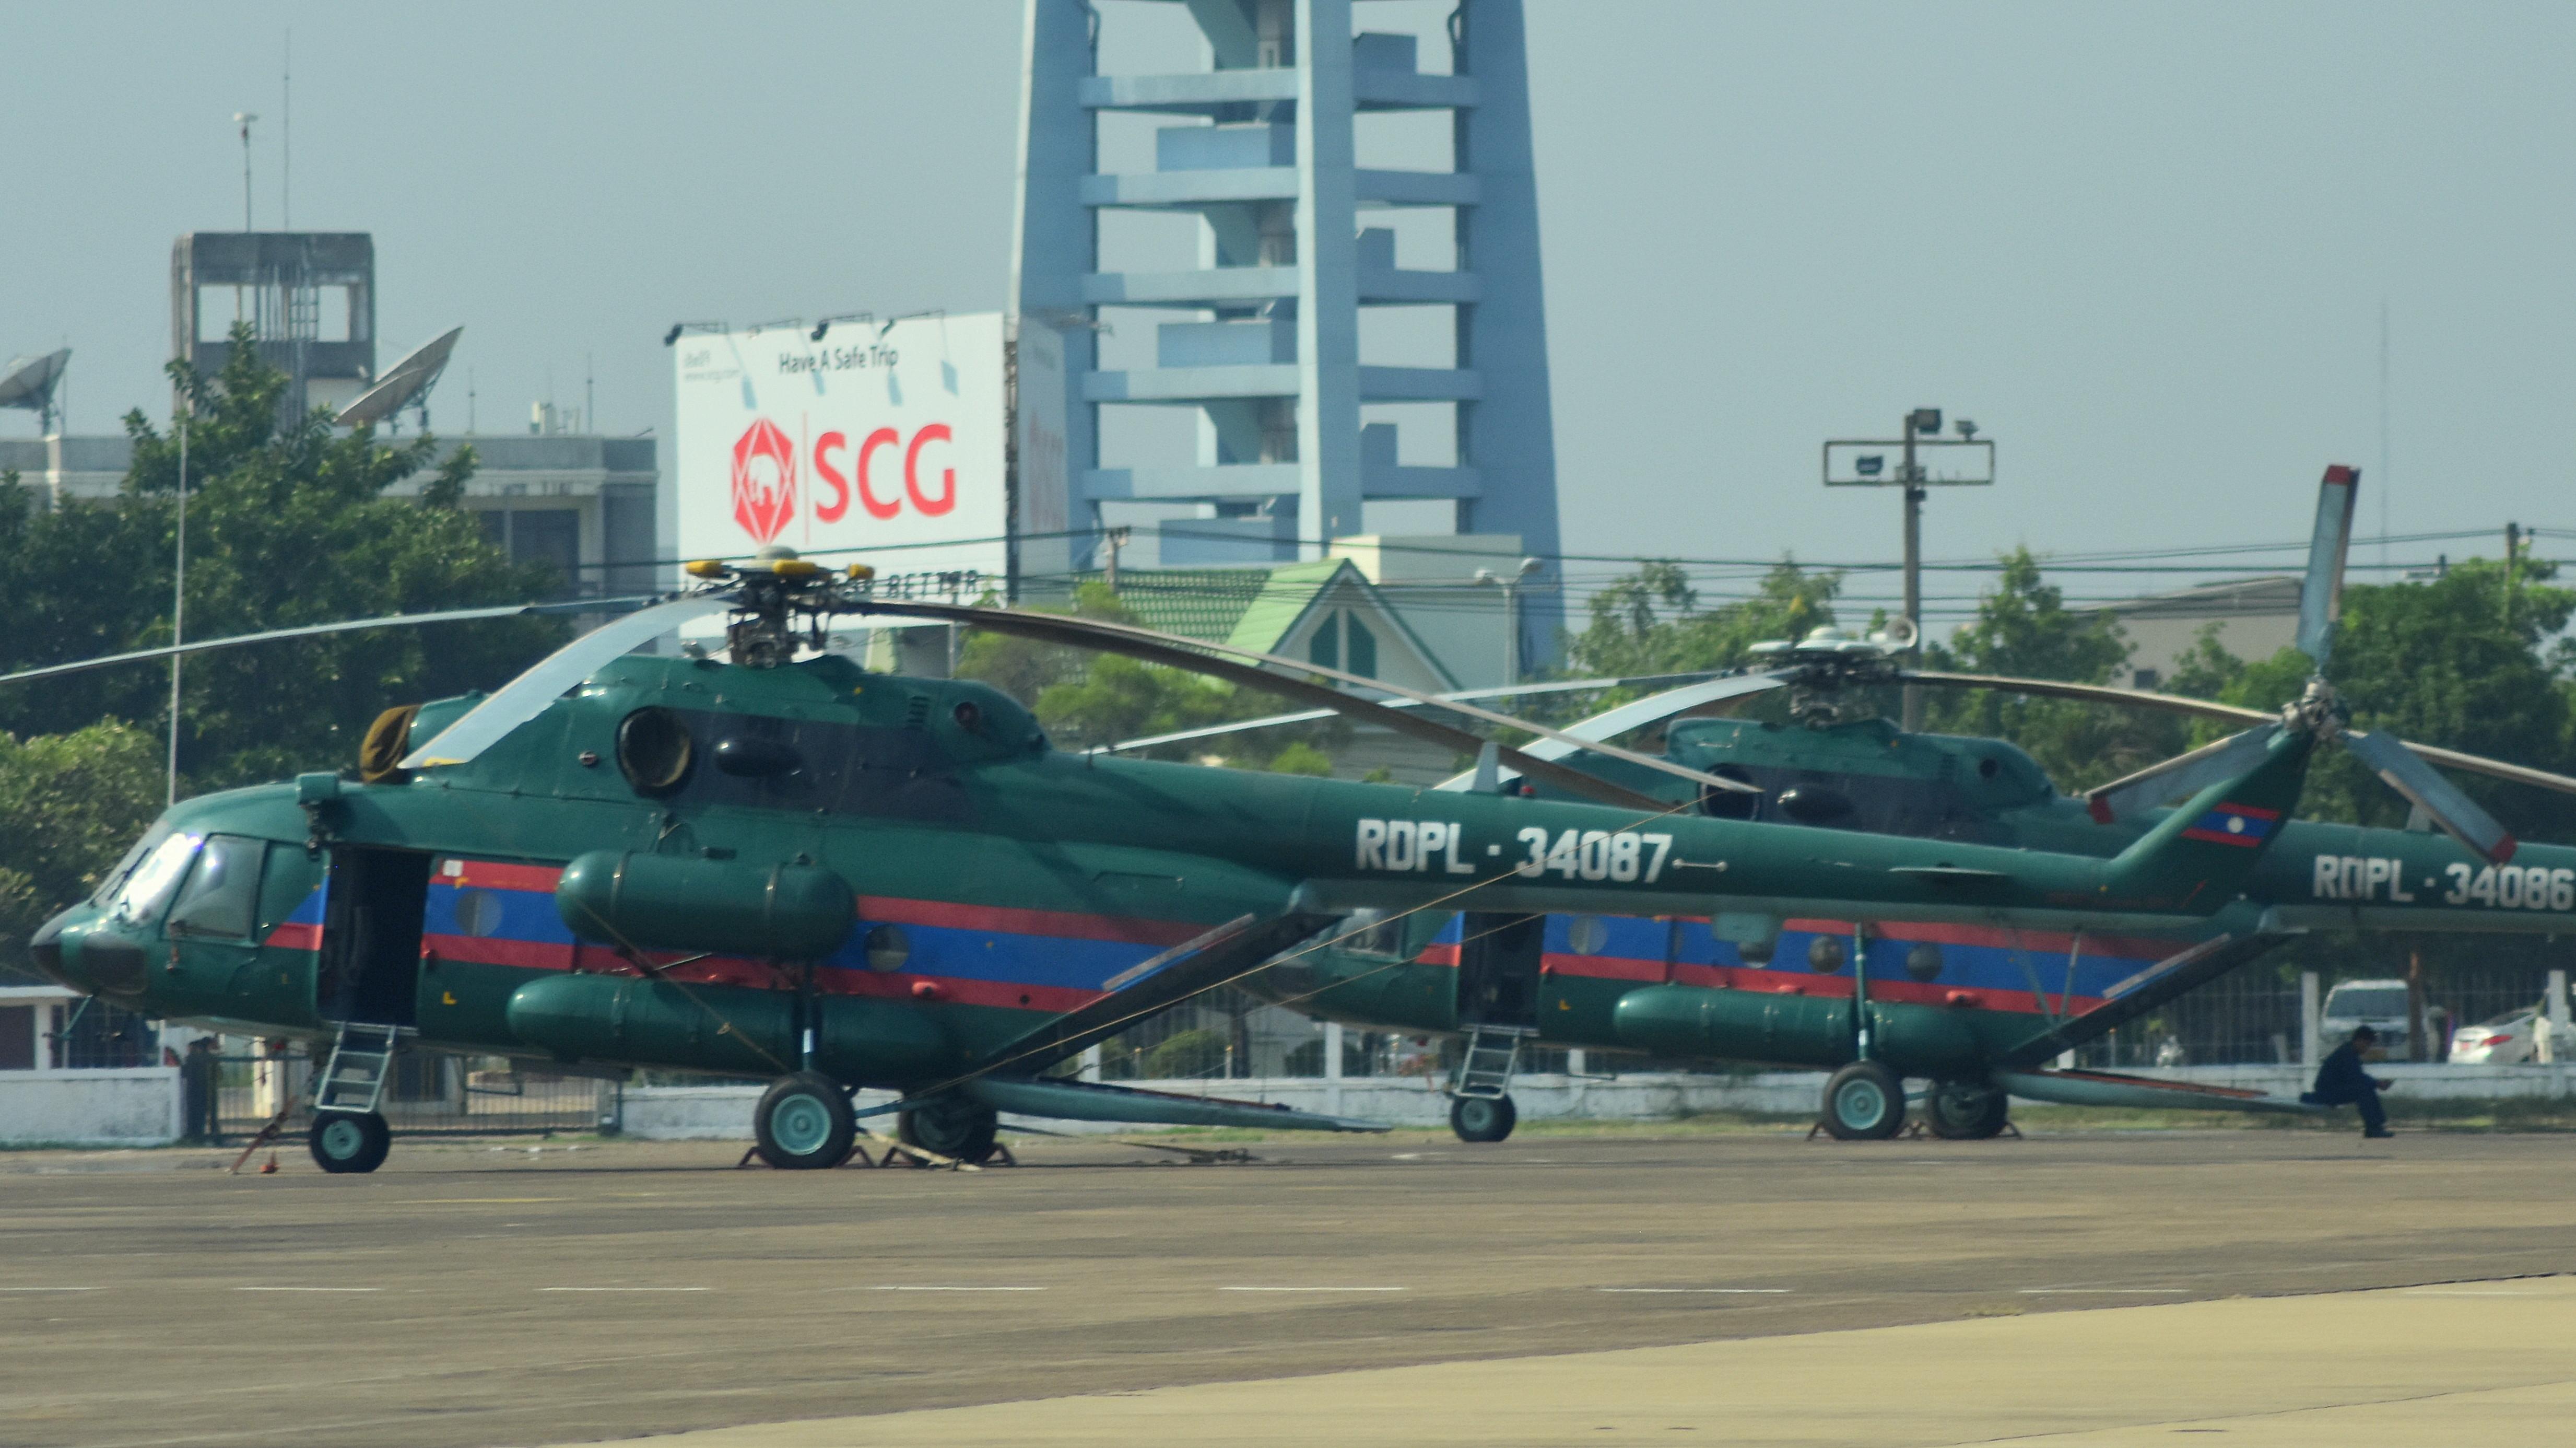 L'Armée populaire lao / forces armées du Laos 49197462408_bd4bc3587a_5k